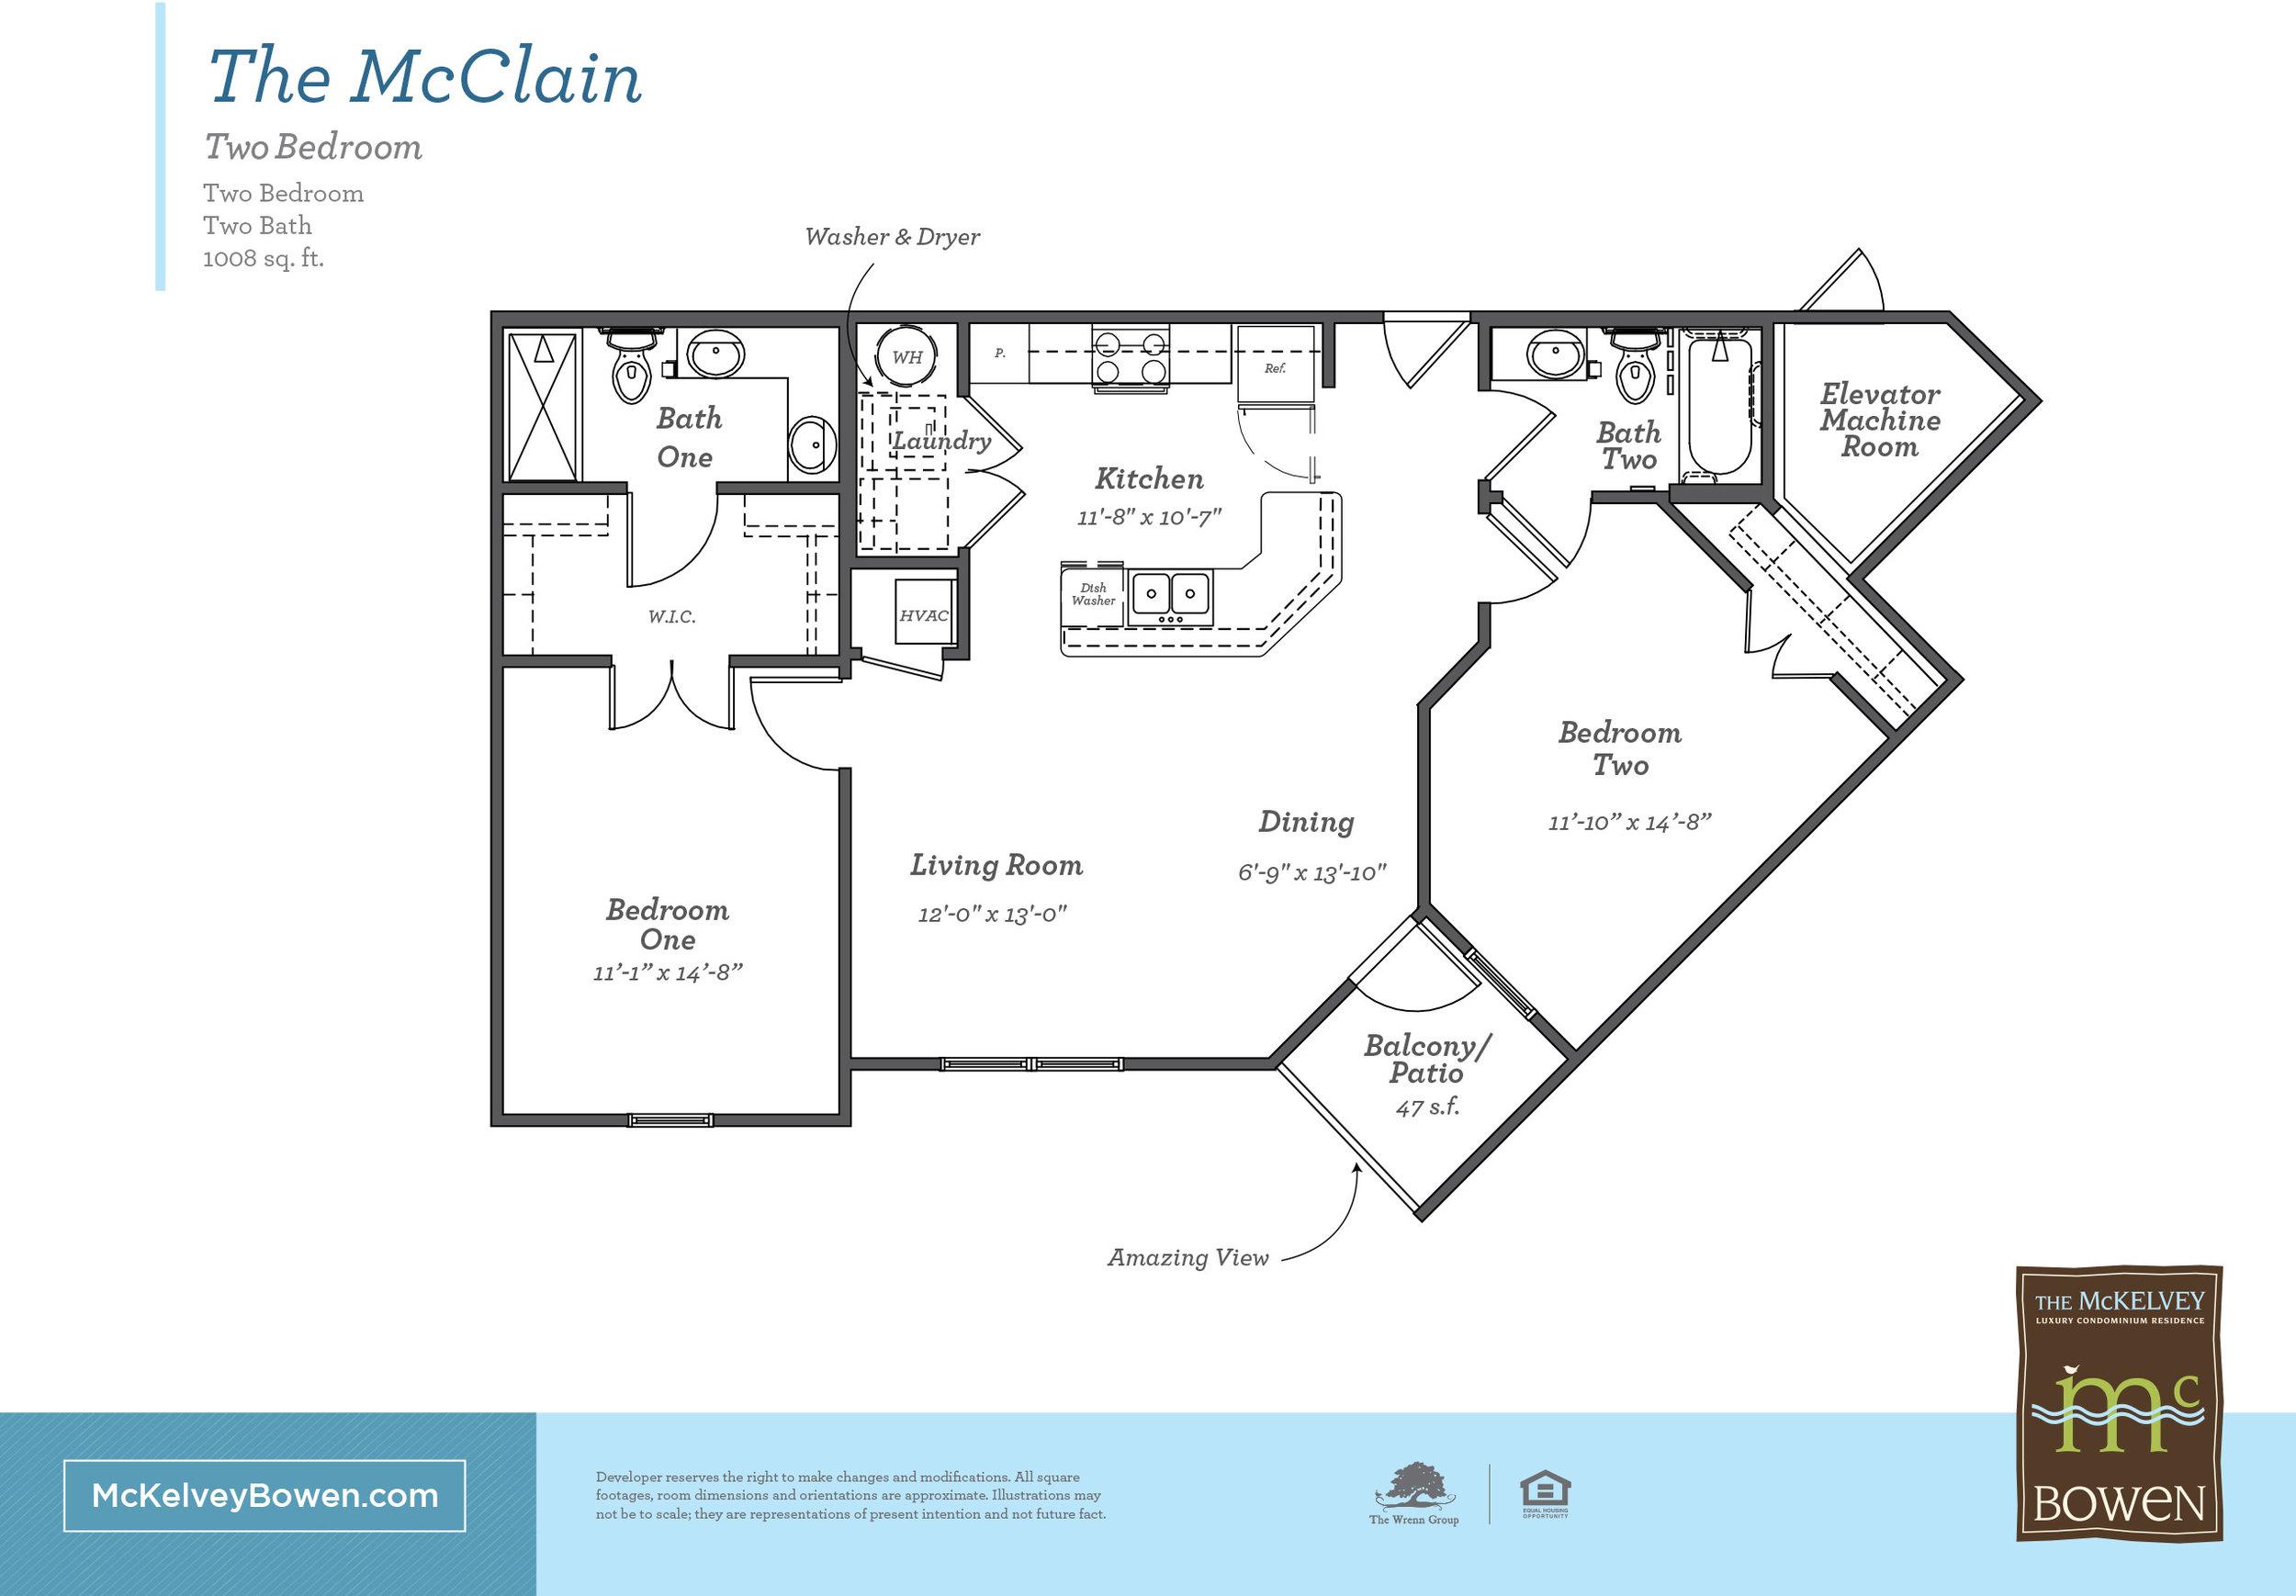 mckelvey-mclain-5.jpg